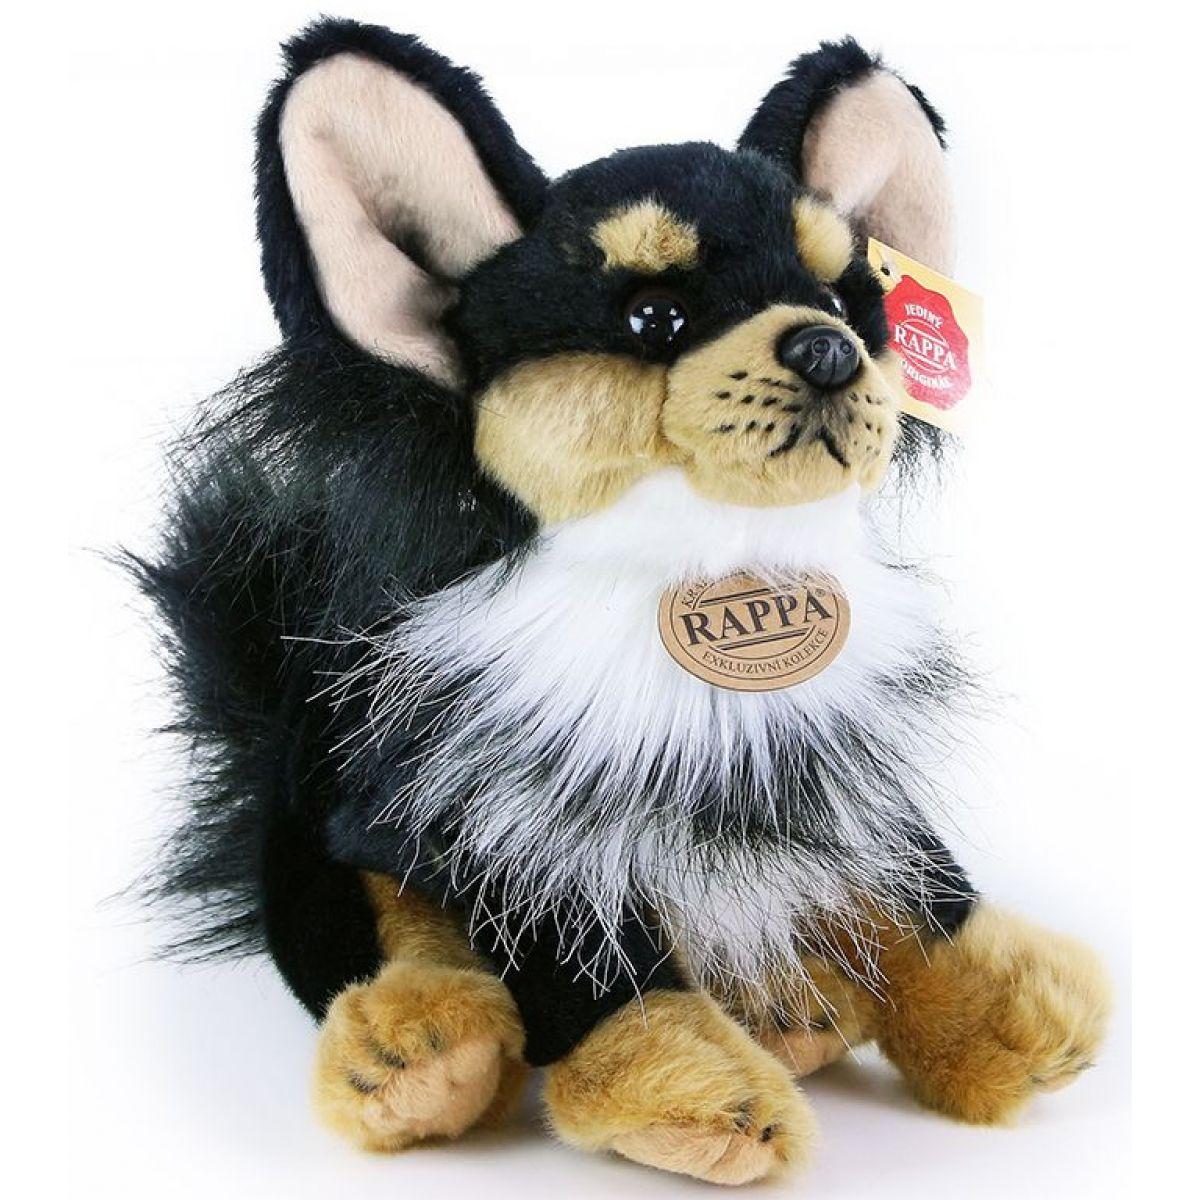 Rappa Plyšový pes čivava sediaci 24 cm